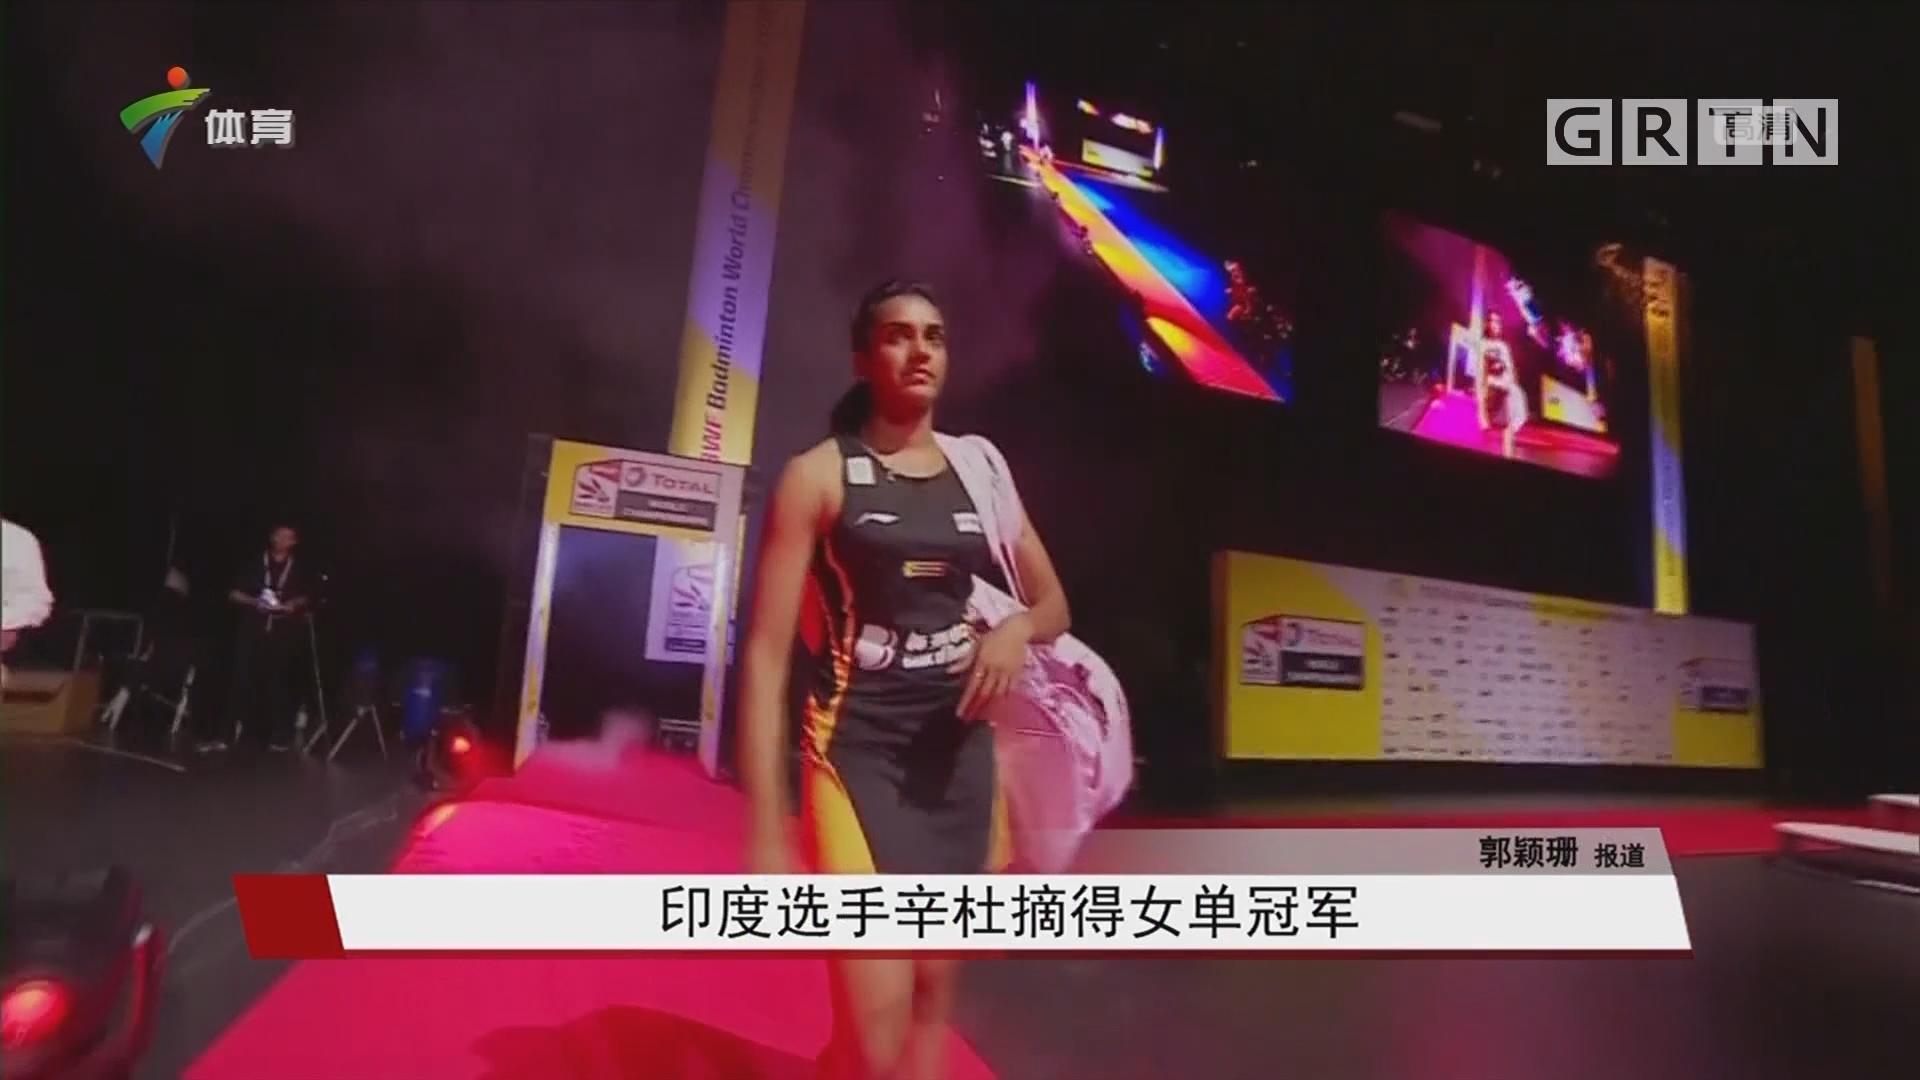 印度选手辛杜摘得女单冠军